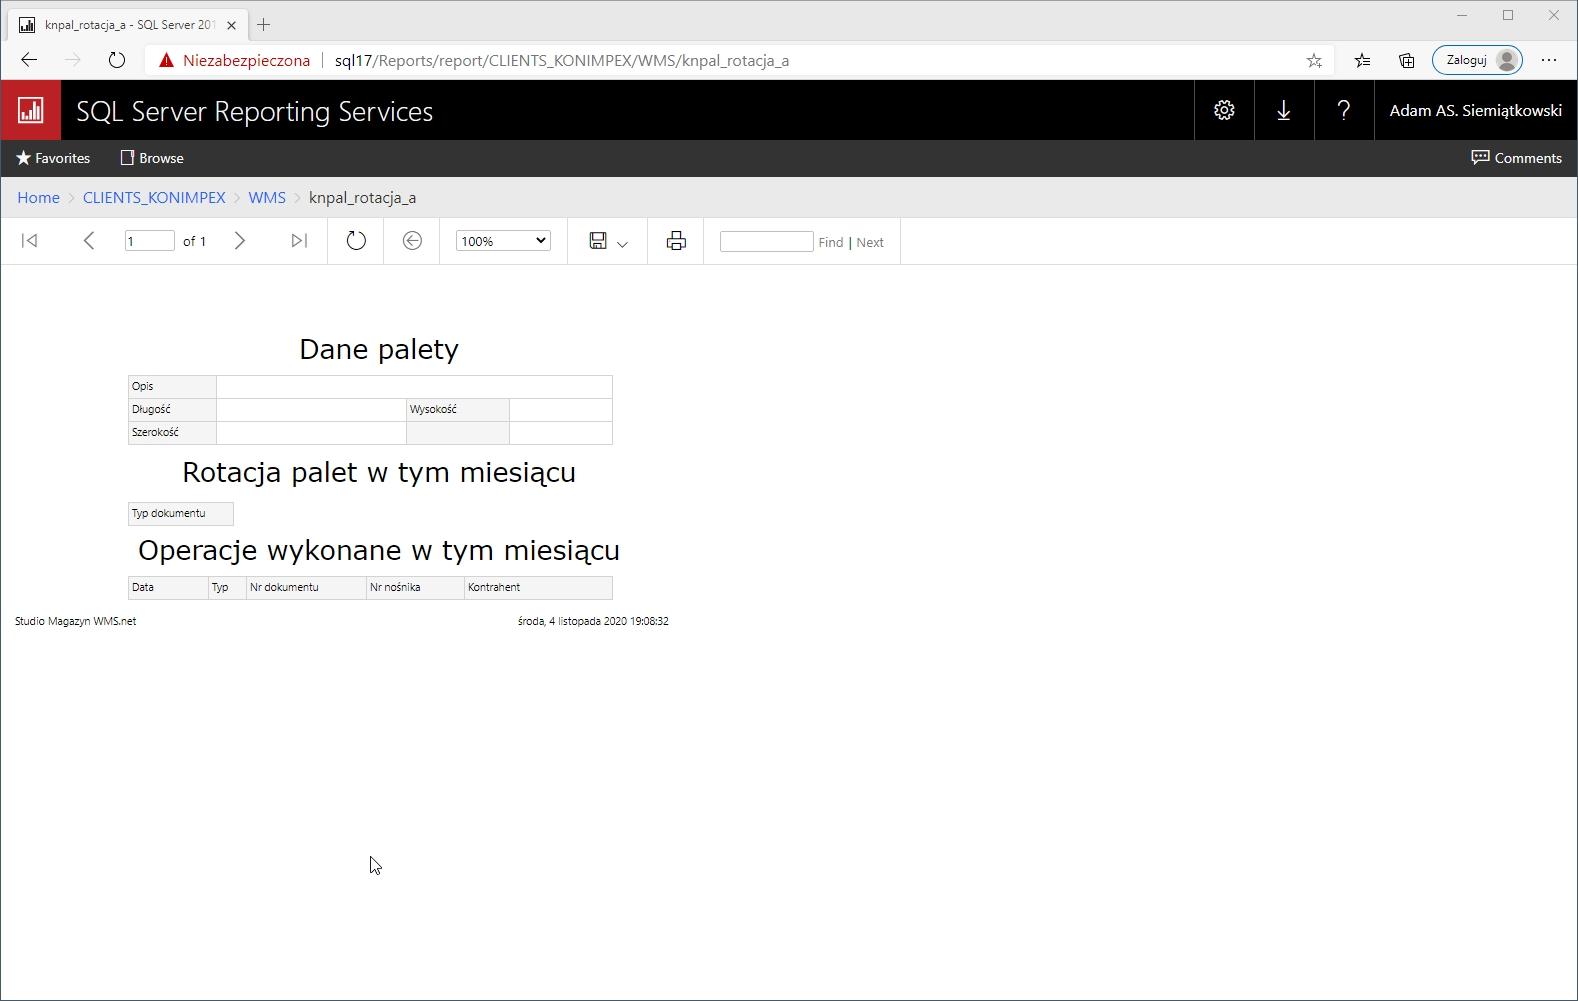 raporty sql server,zarządzanie zestawieniami,raporty sql server